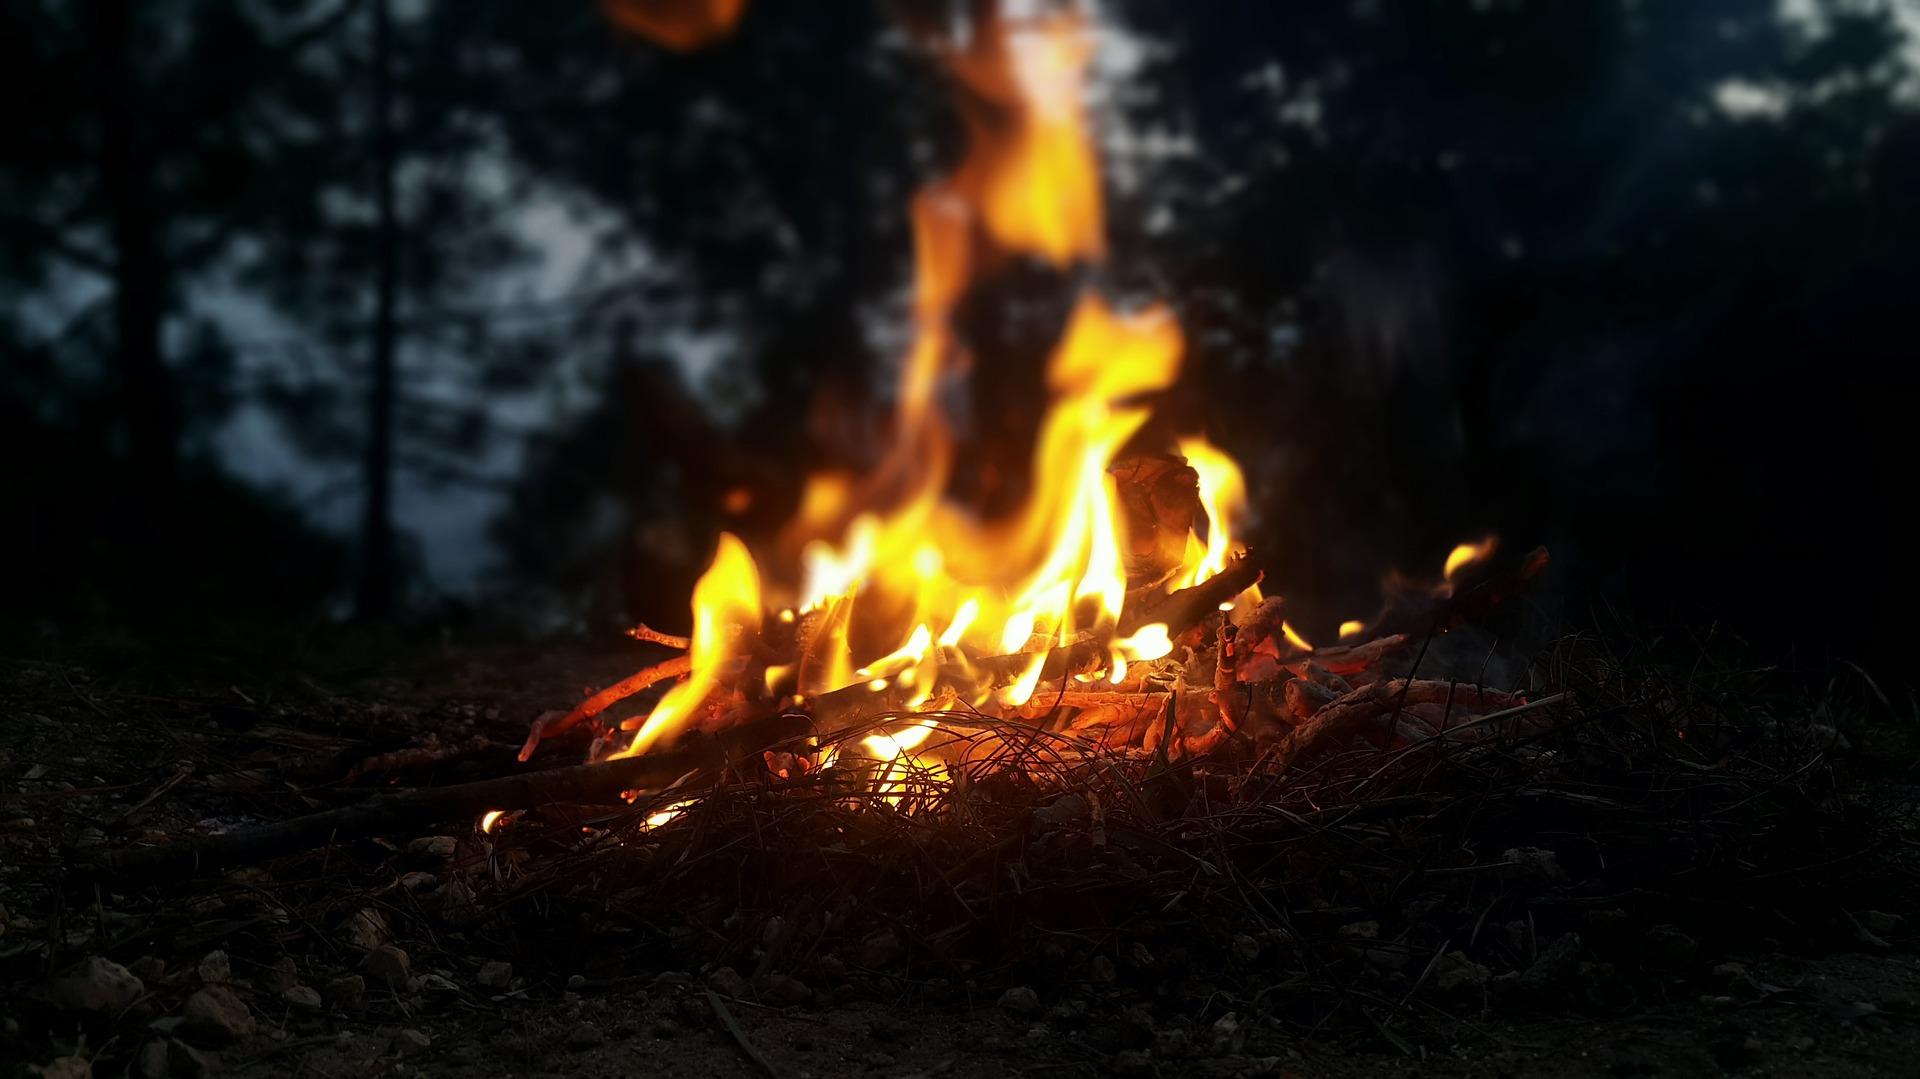 fire-1891833_1920.jpg